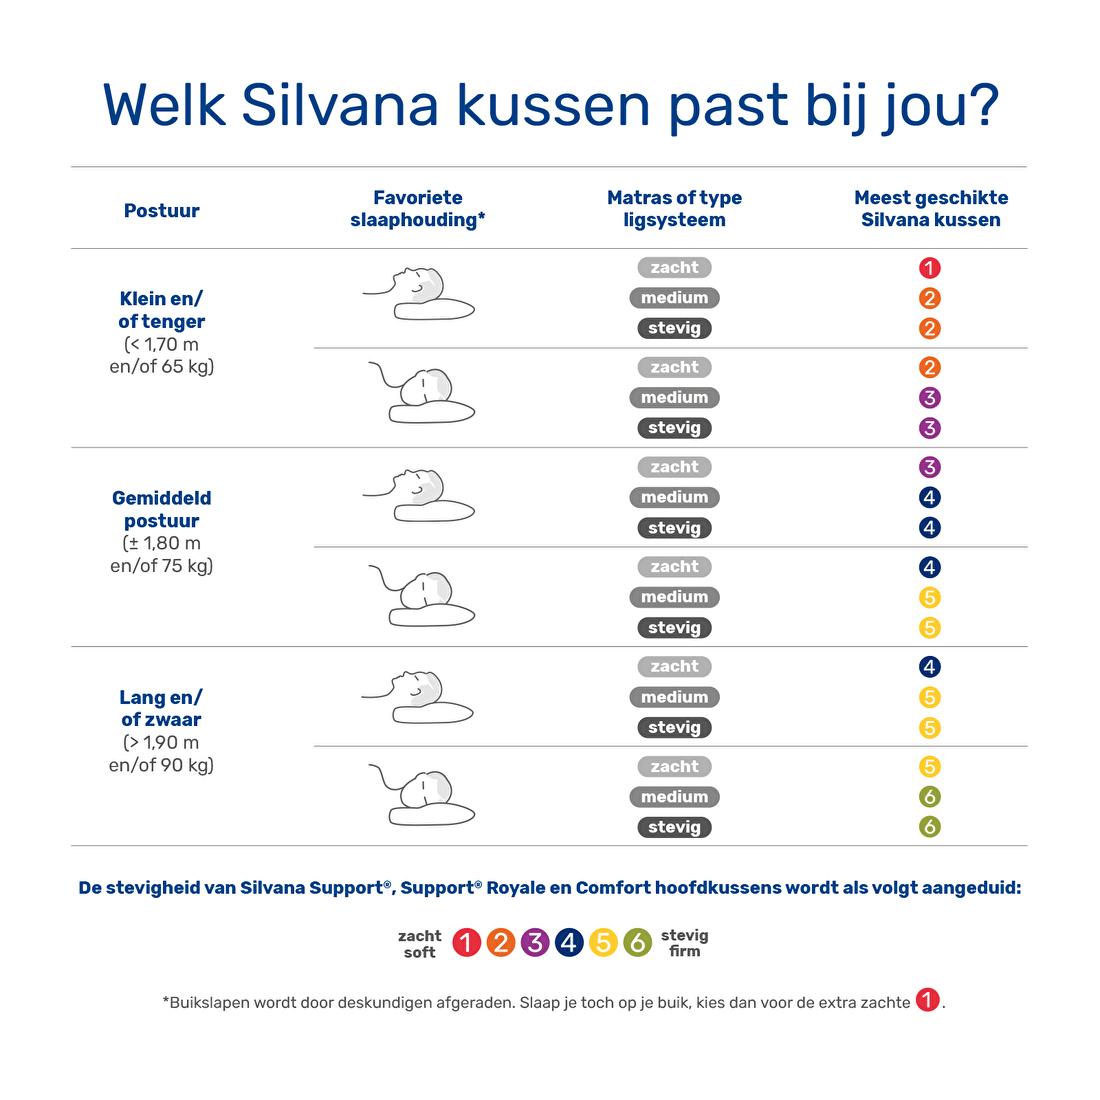 Silvana Support Royale kussenkiezer